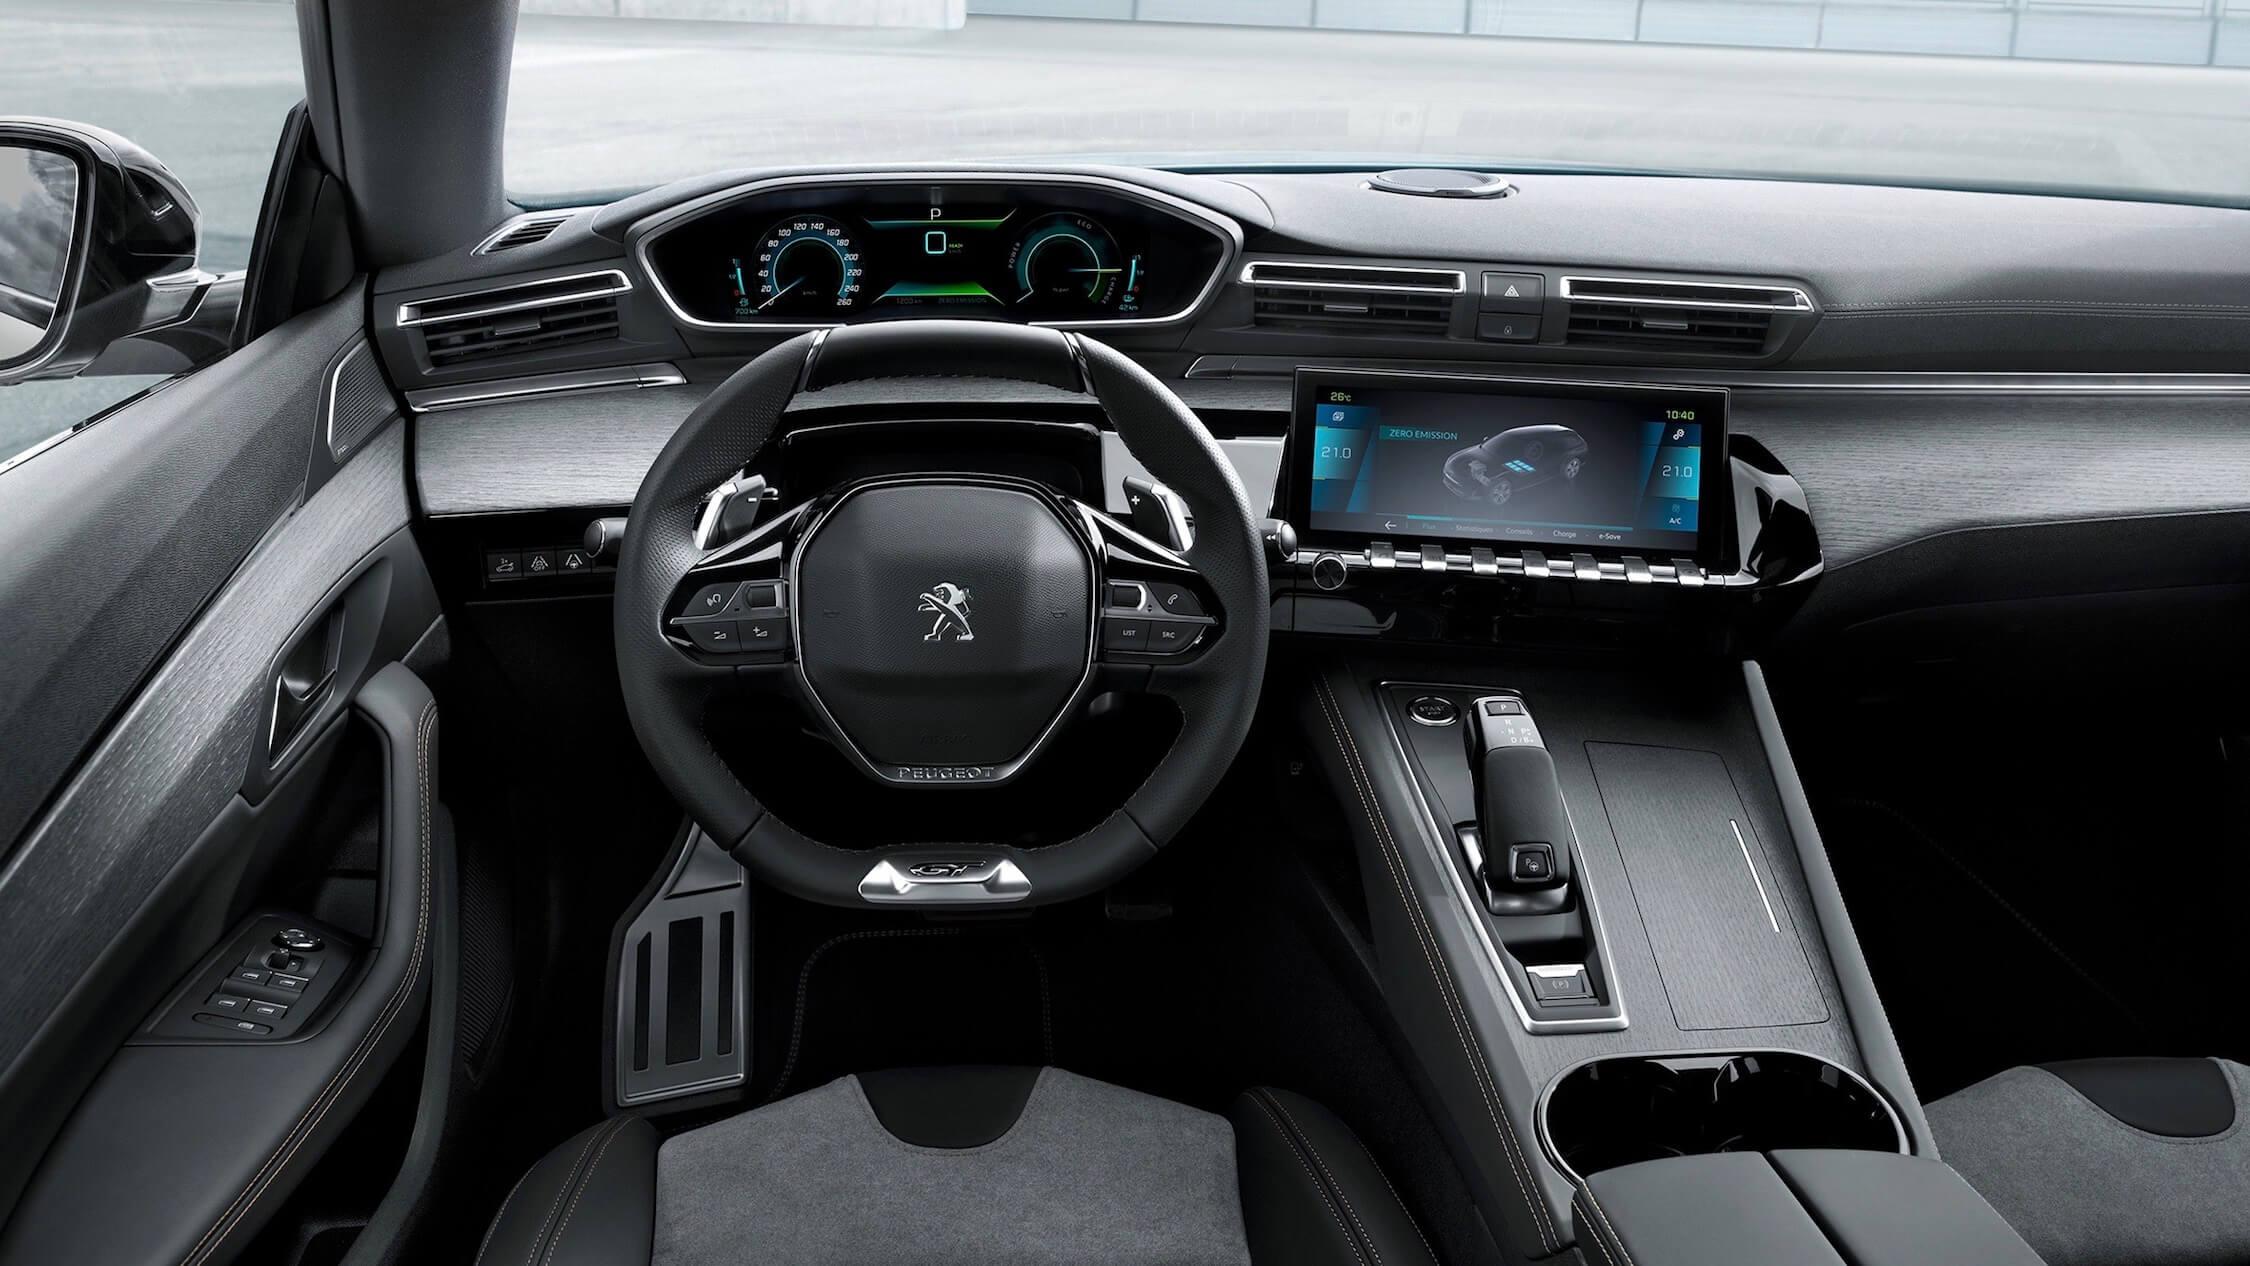 Hybride Peugeot 508 interieur